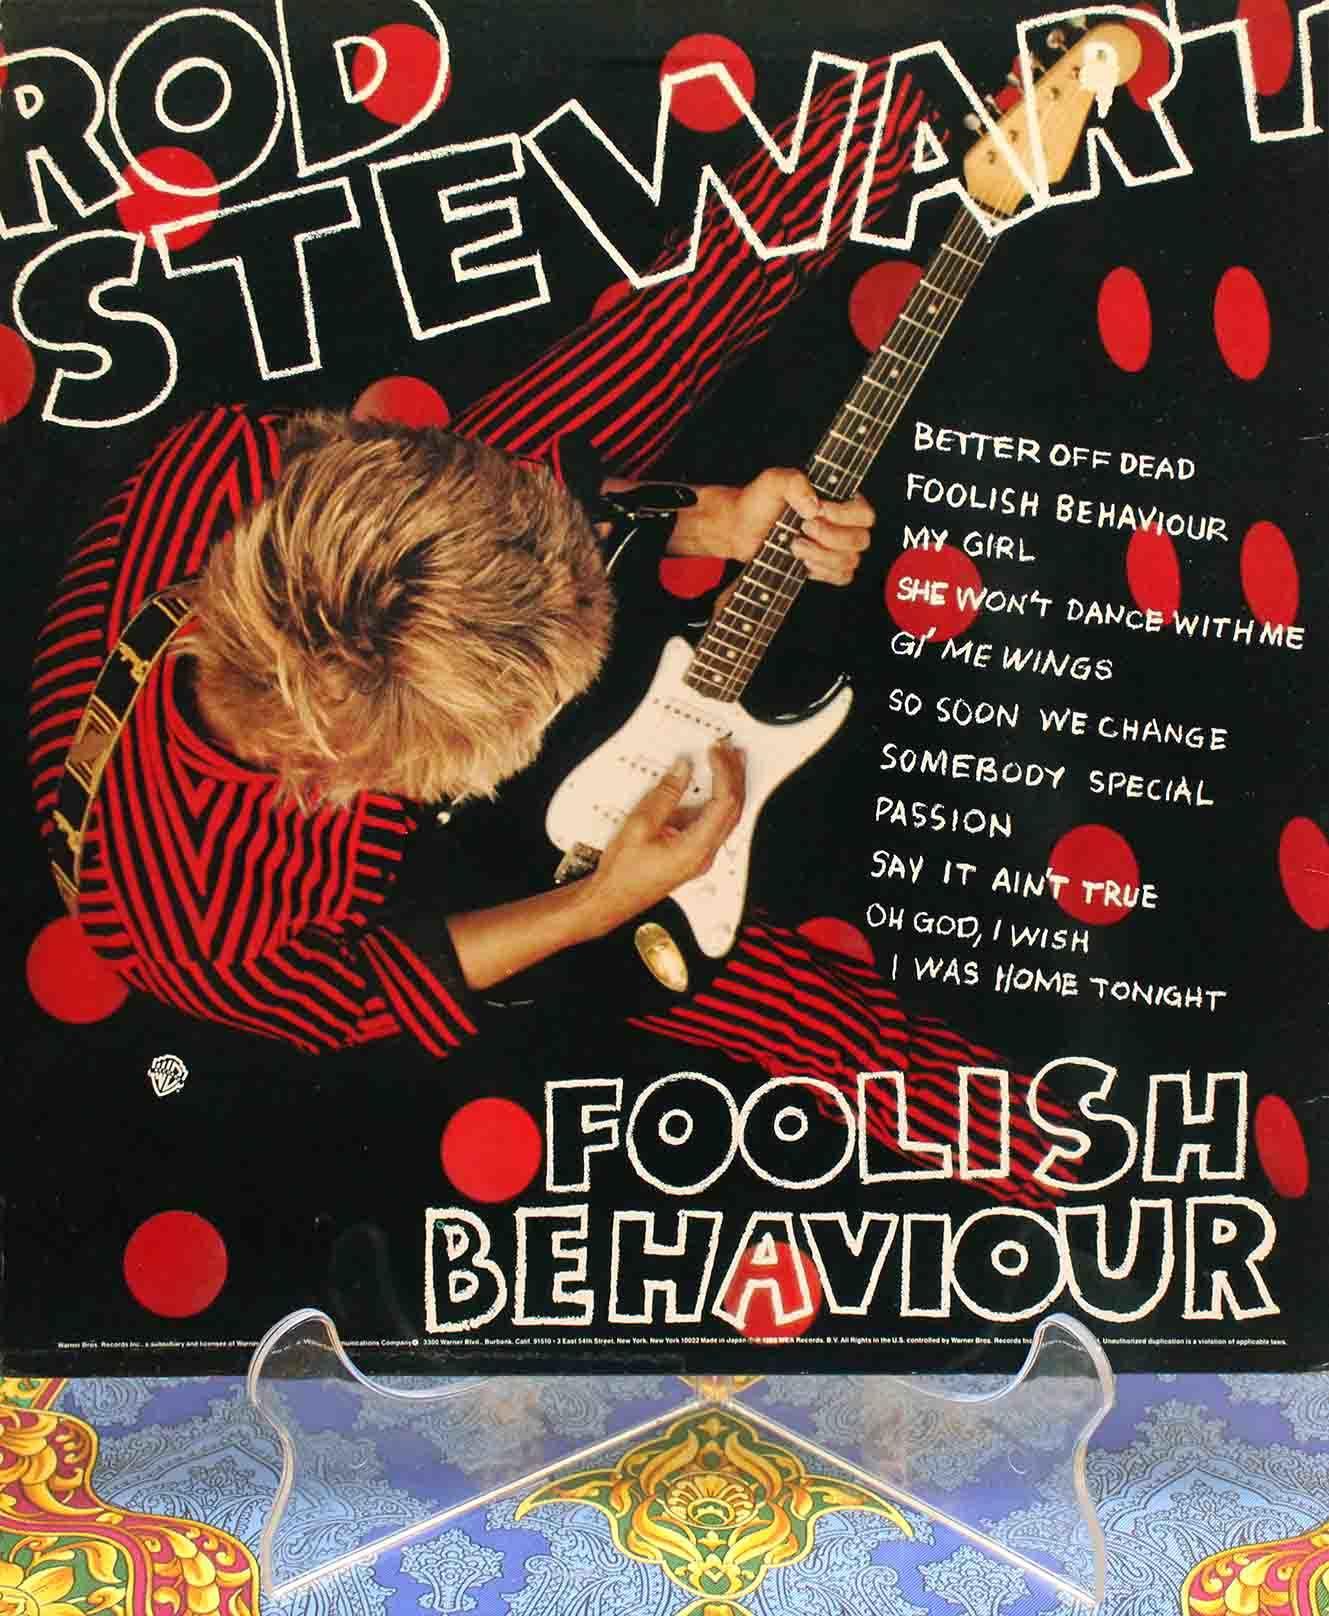 Rod Stewart – Foolish 02